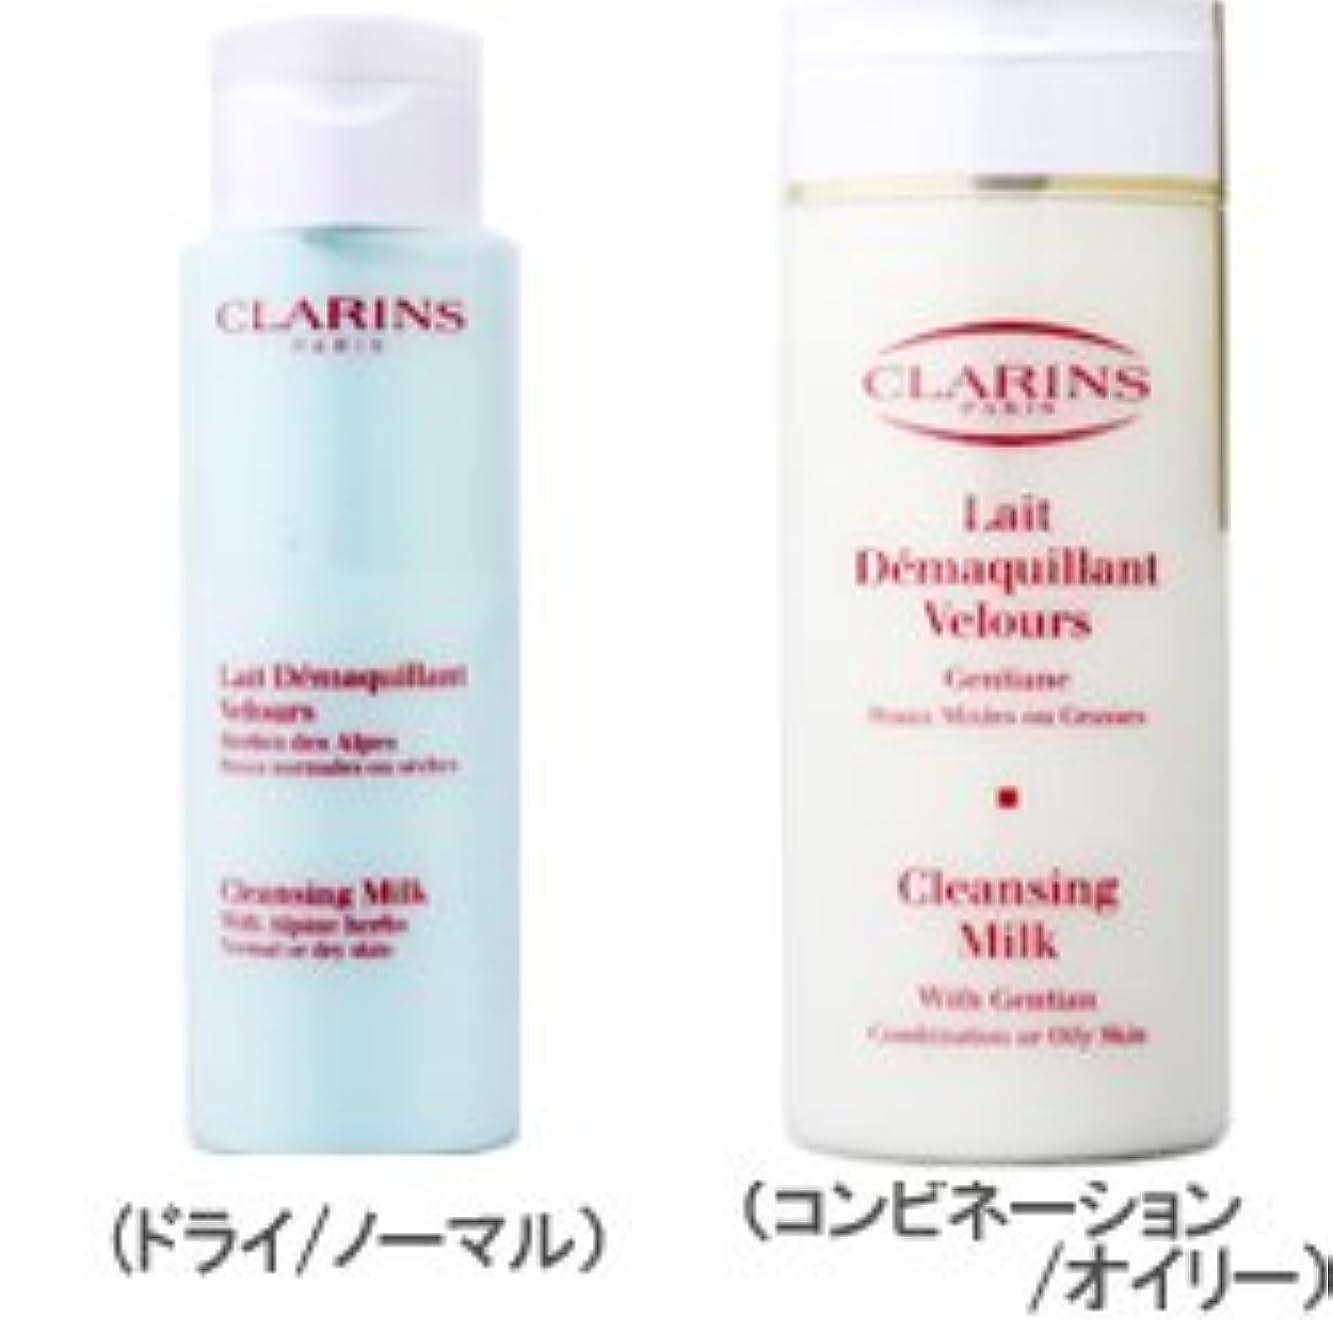 期待する色ヘクタールクラランス CLARINS クレンジング ミルク 200mL【ドライ/ノーマル】 [並行輸入品]